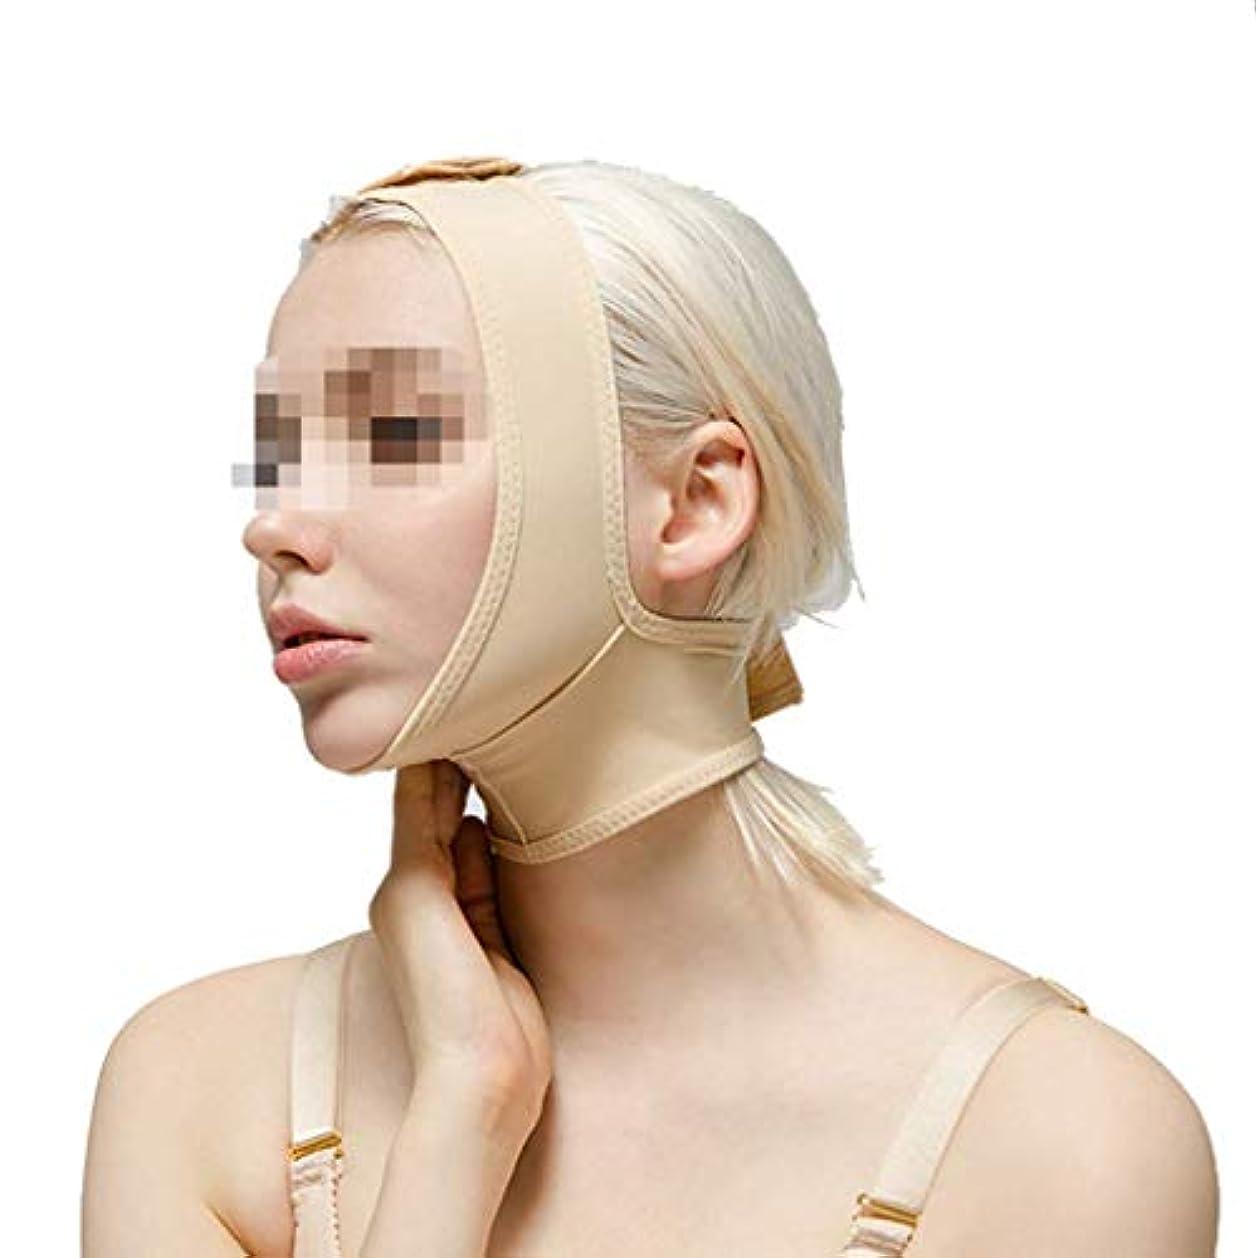 パラダイスオーク証書術後伸縮性スリーブ、下顎束フェイスバンデージフェイシャルビームダブルチンシンフェイスマスクマルチサイズオプション(サイズ:L),M